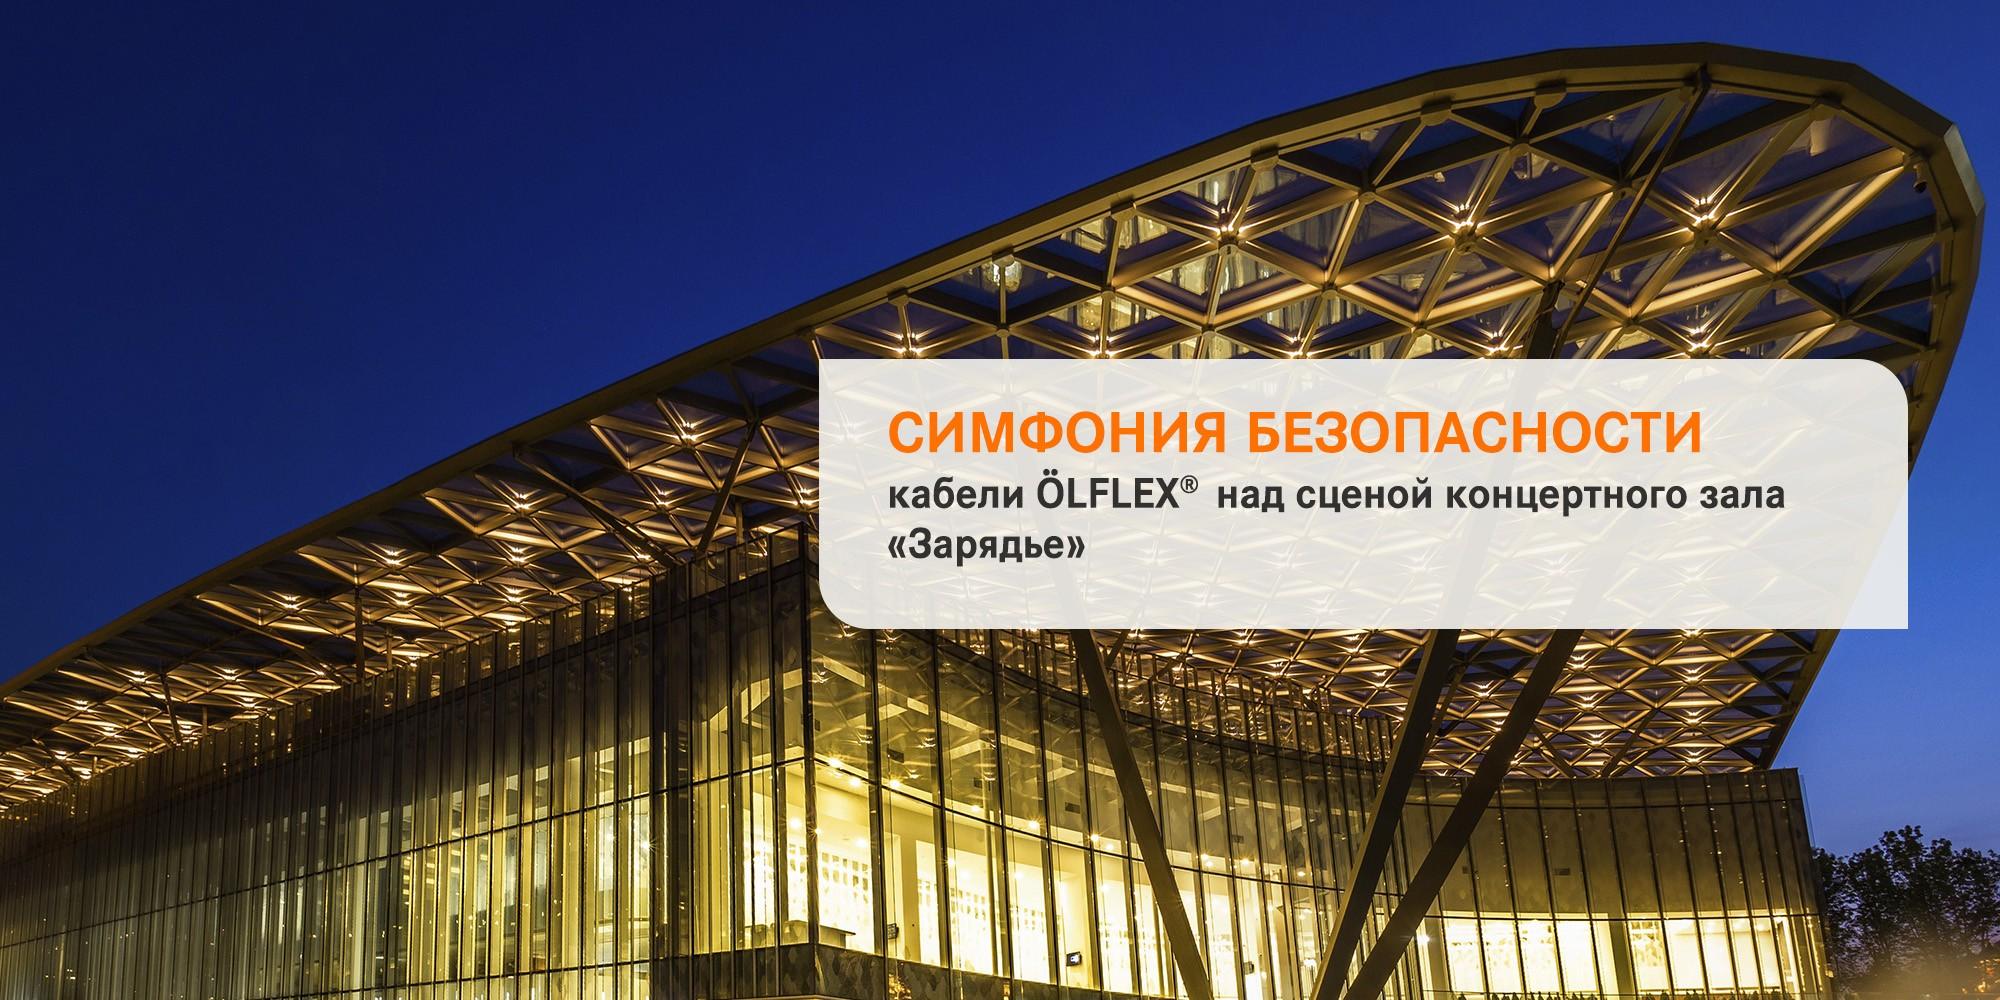 zarydie website startpage banner